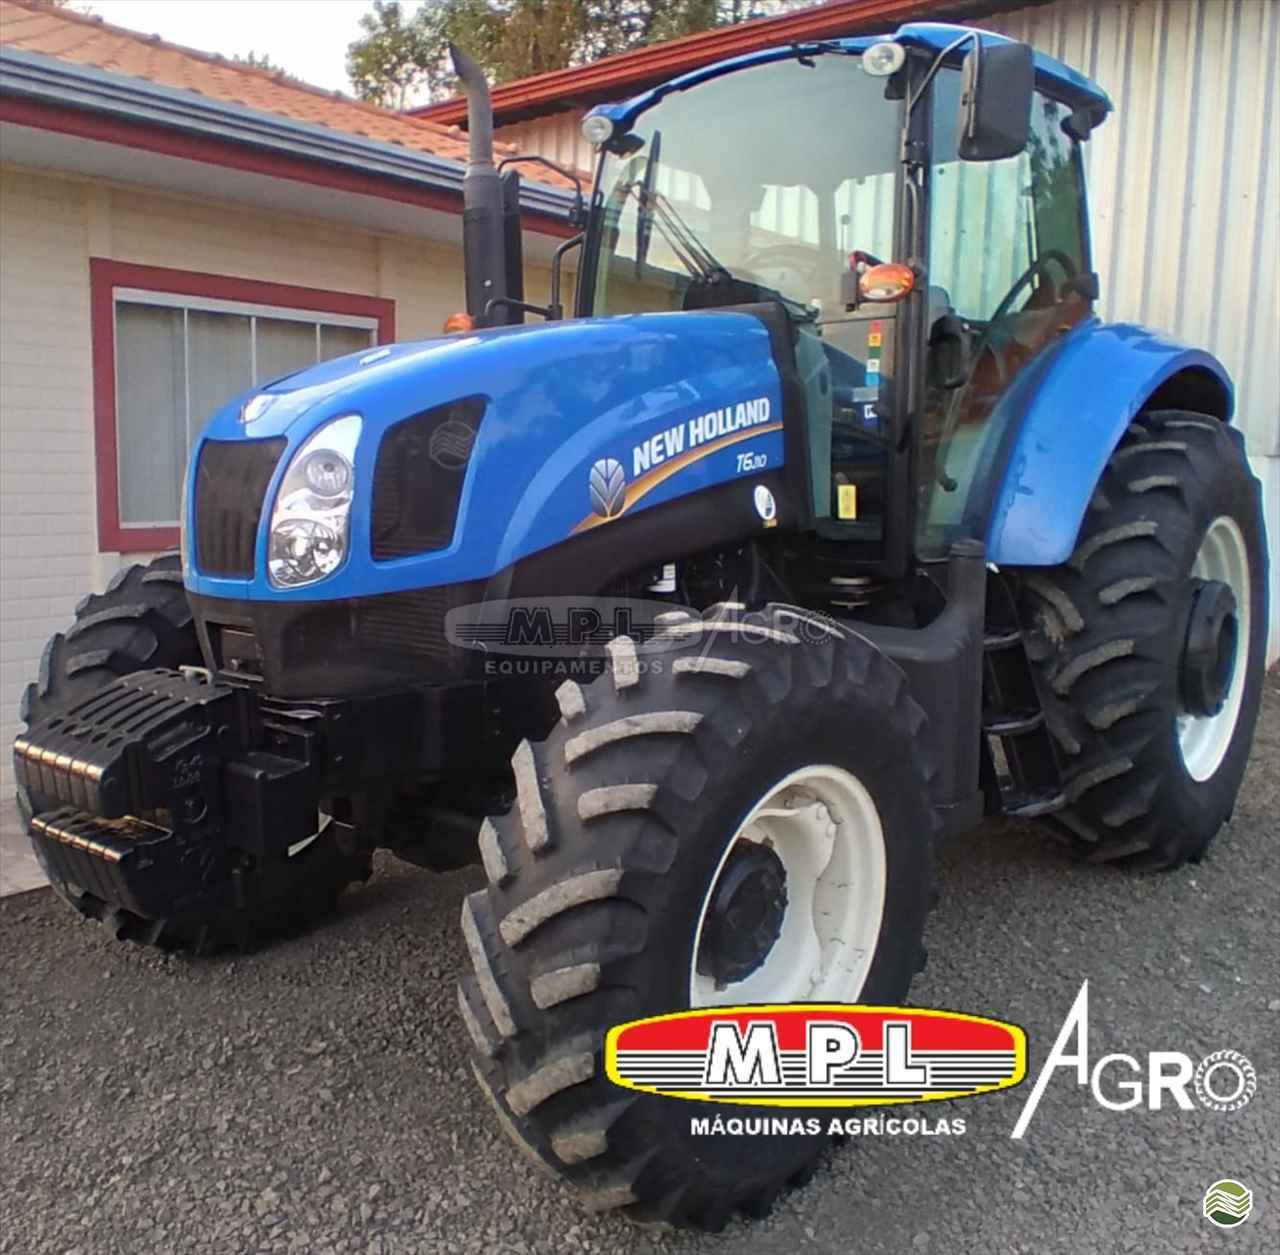 TRATOR NEW HOLLAND NEW T6 110 Tração 4x4 MPL Agro - Máquinas Agrícolas IRATI PARANÁ PR